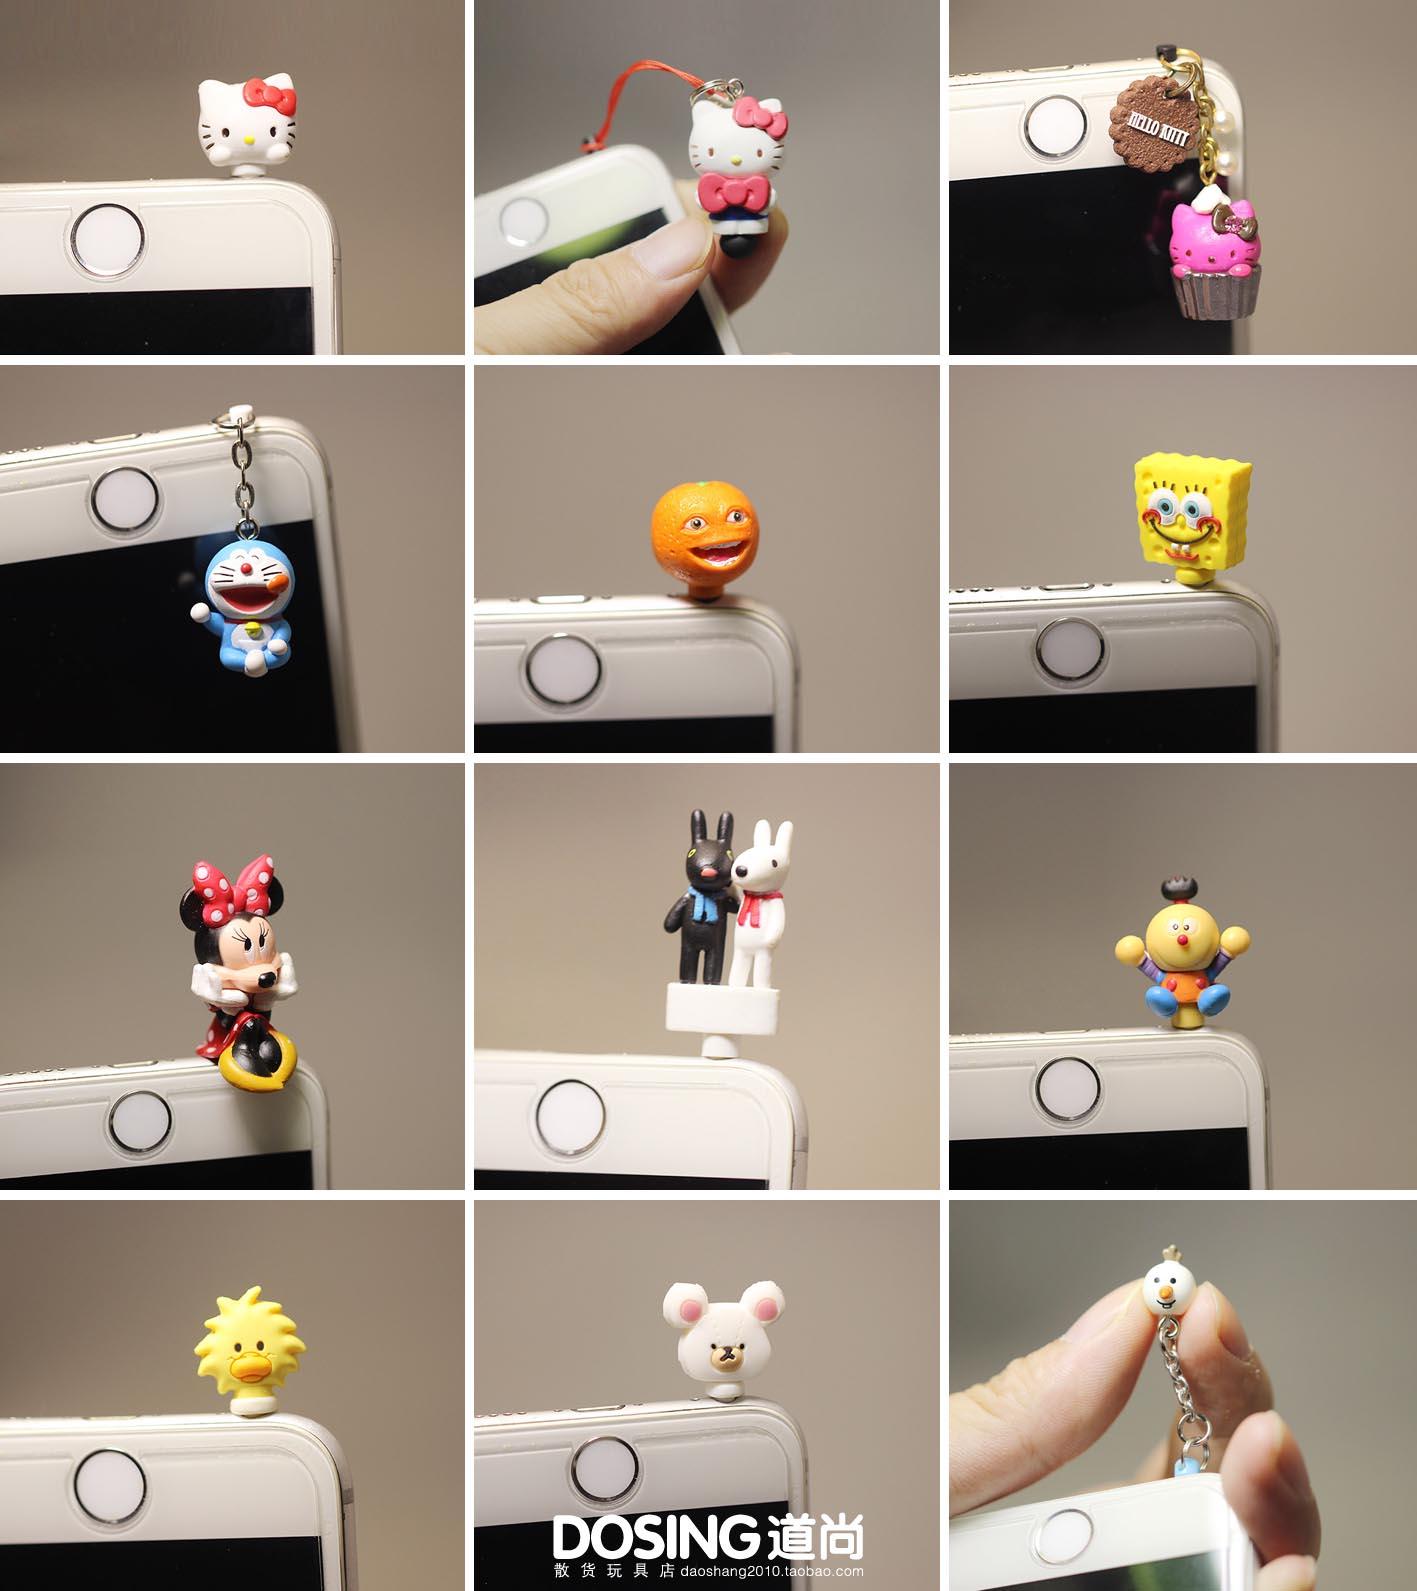 Положительный версия Навалочные грузы оригинал Сотовый телефон пылеуловитель Minnie Laugh orange KT cat Модель Doraemon Doll